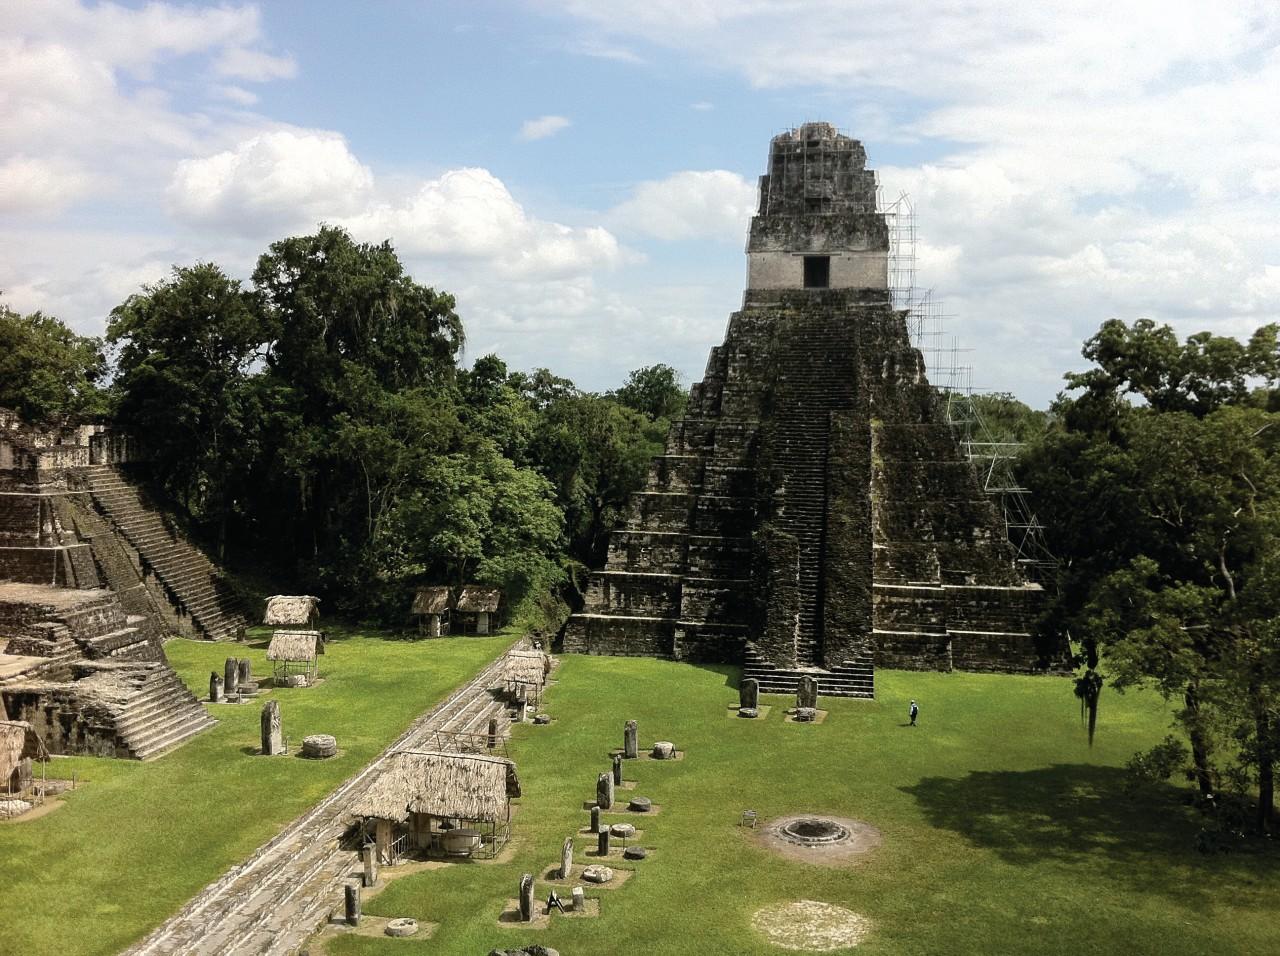 Lugar precolombino de Tikal.